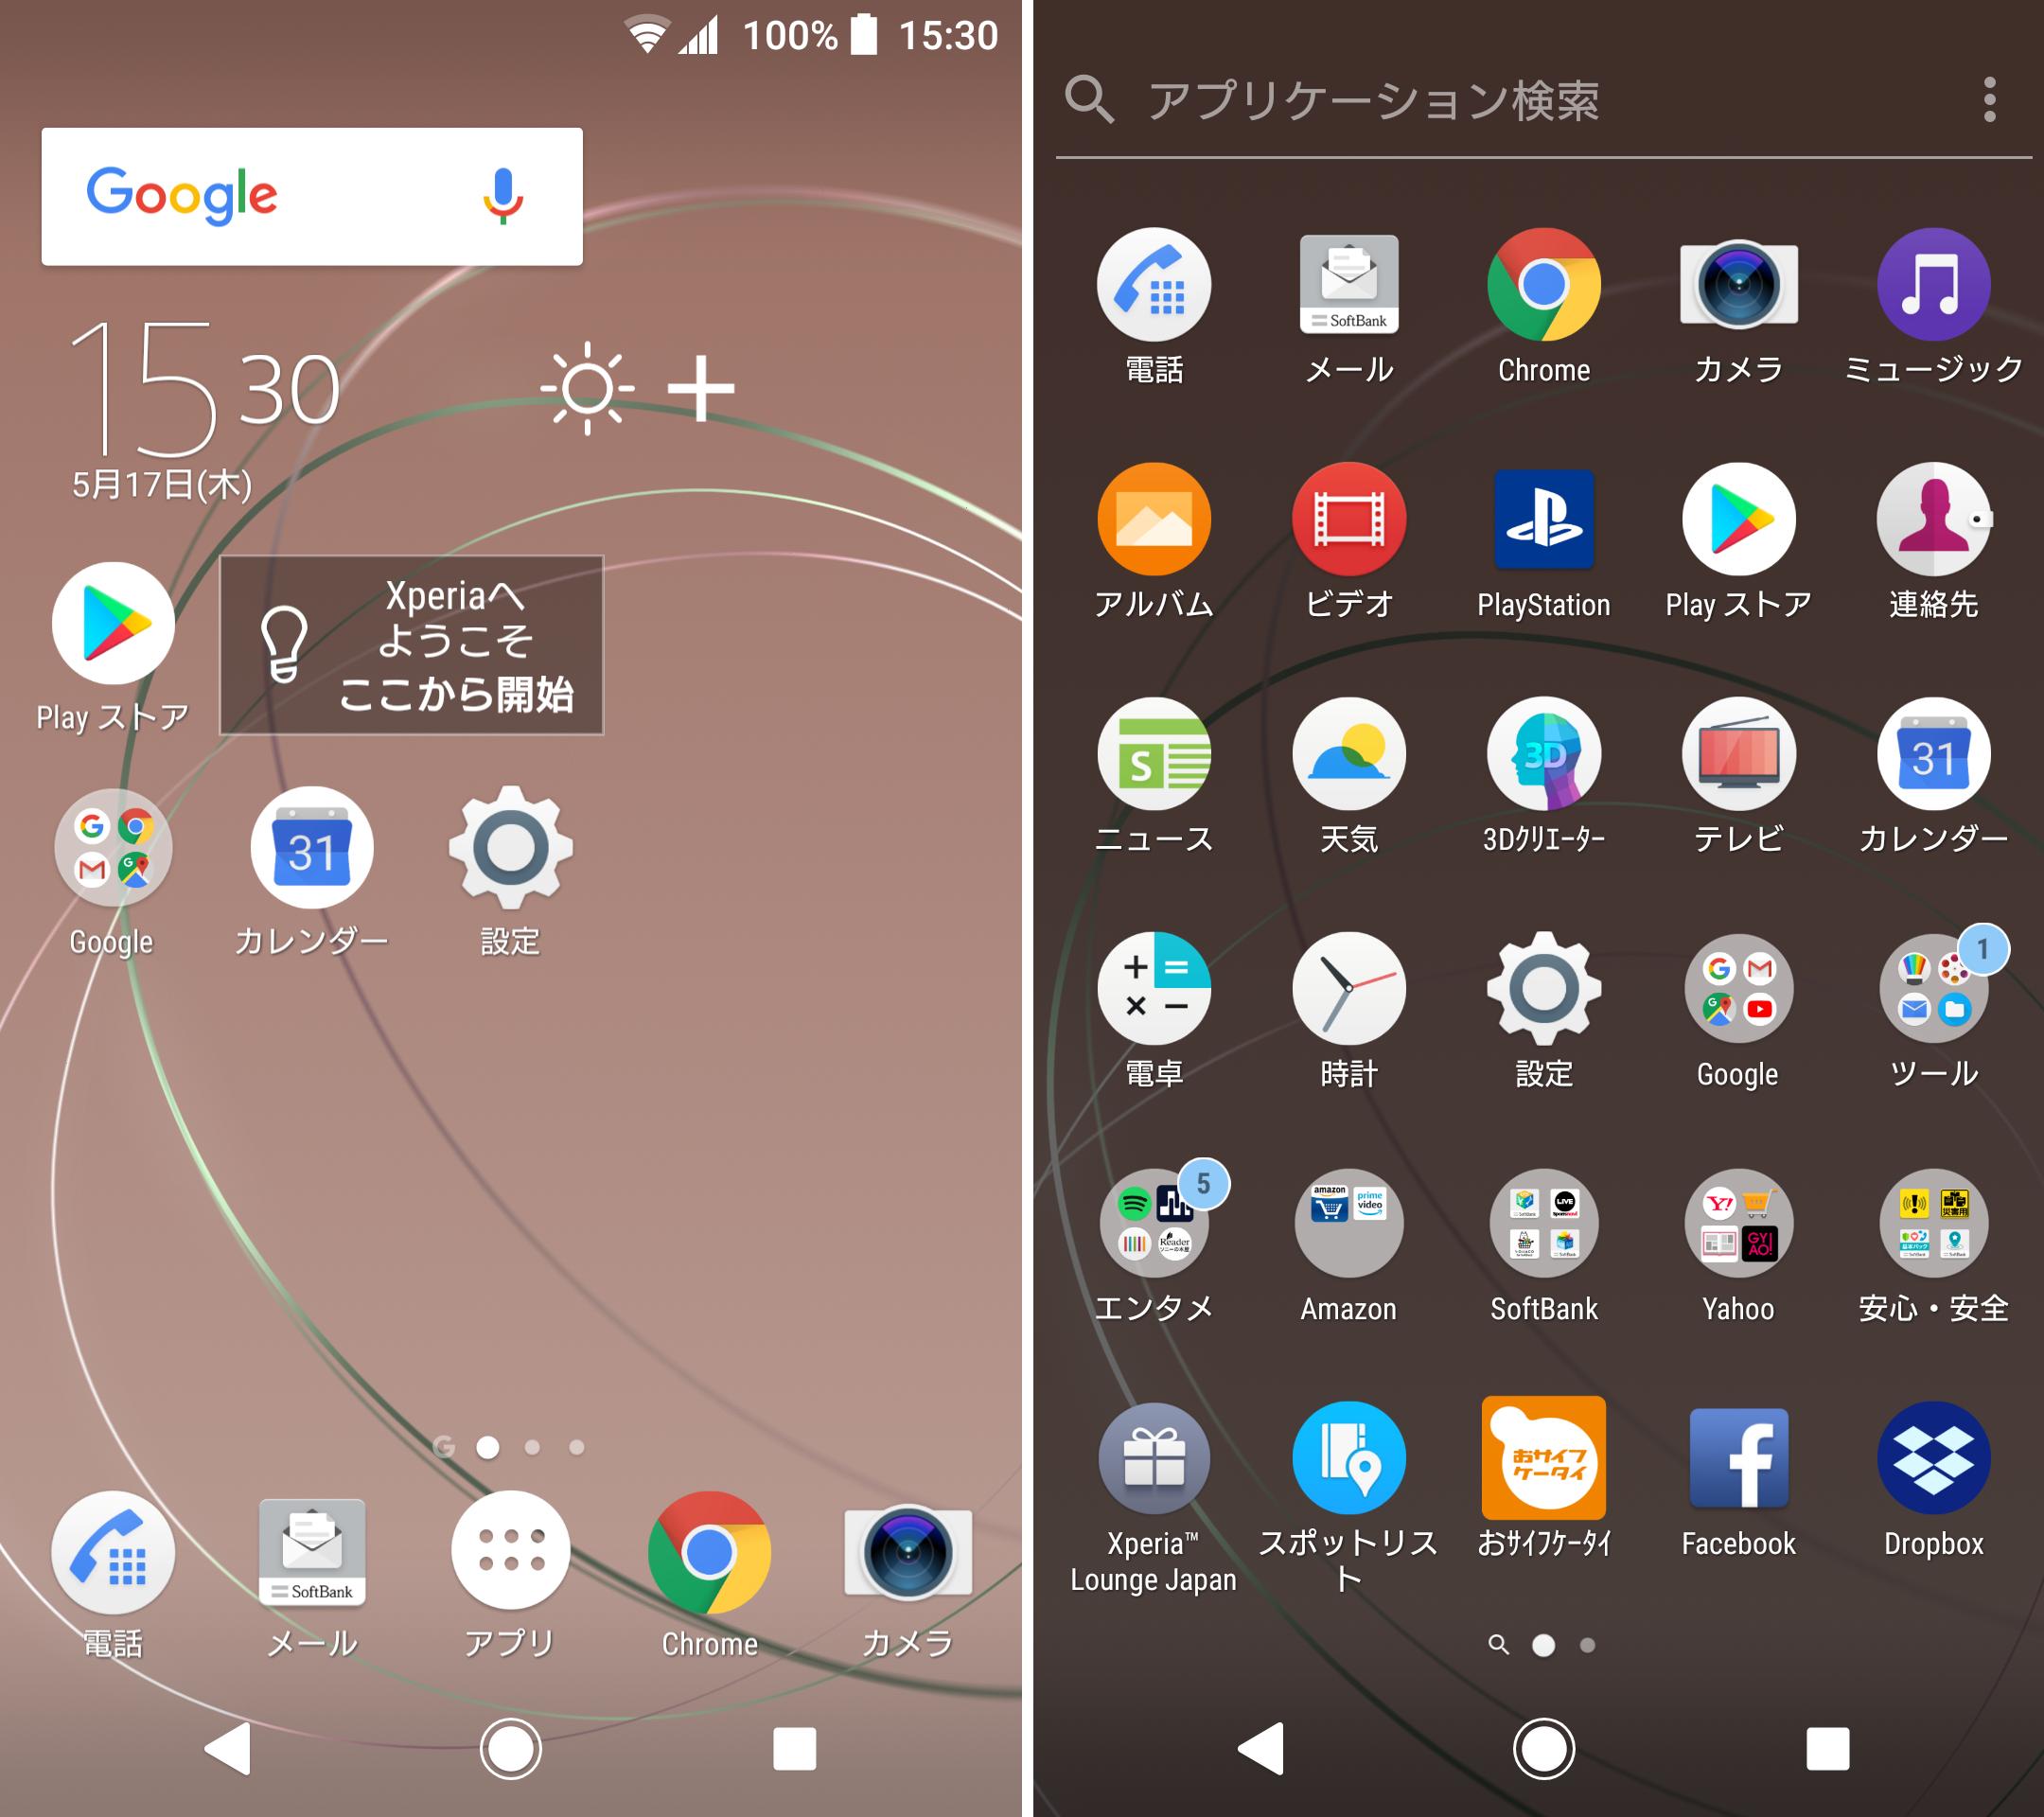 年最新版 iPhone・Androidスマホ 機種別画面 …